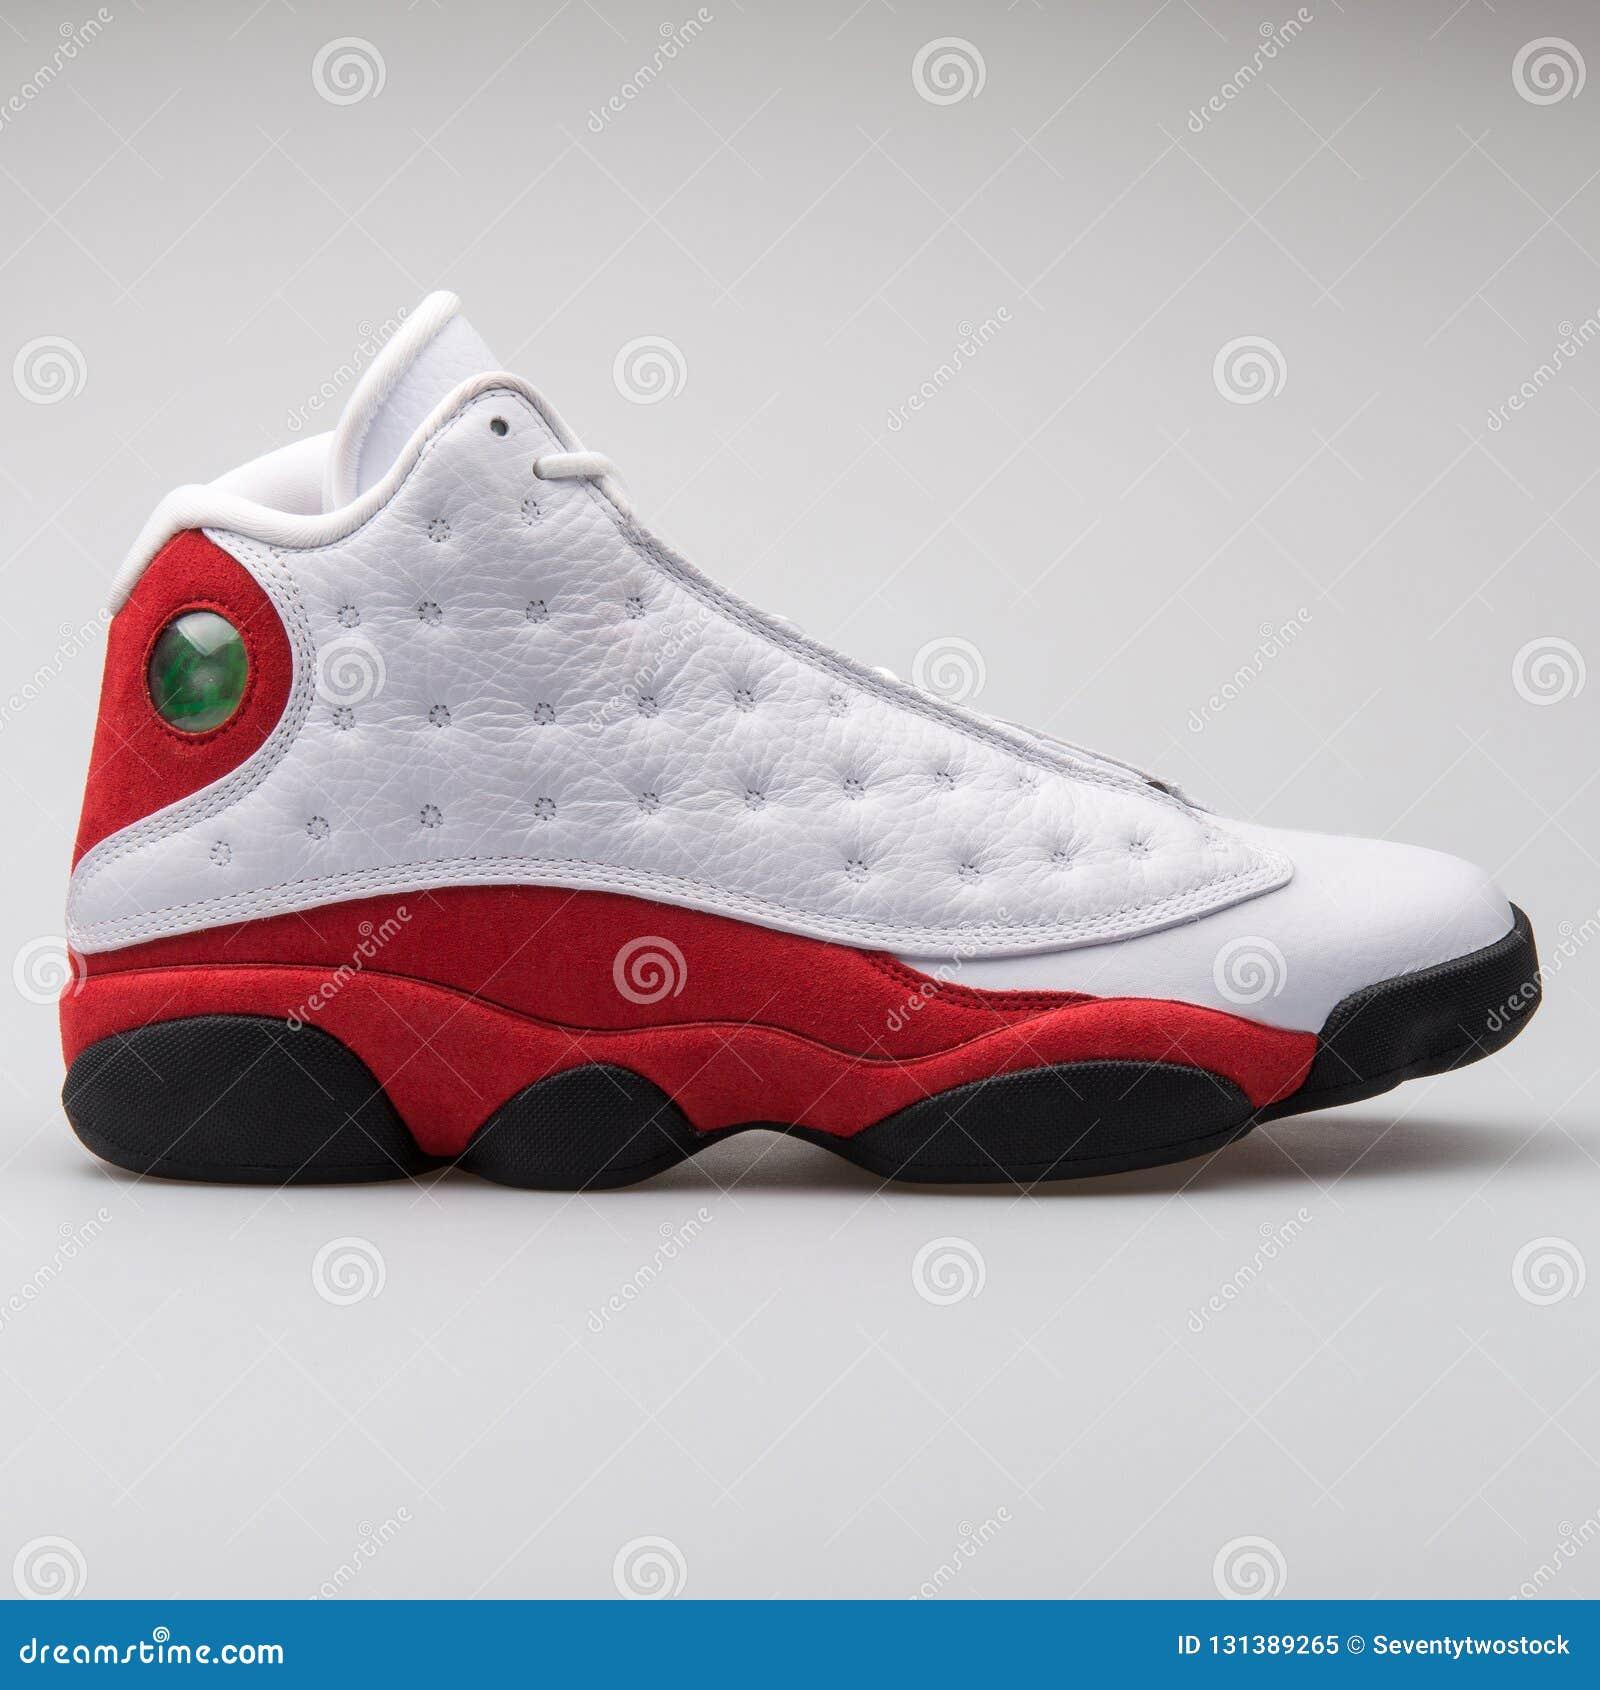 Nike Air Jordan Una Scarpa Da Tennis Bianca, Rossa E Nera Di  WXjvcB